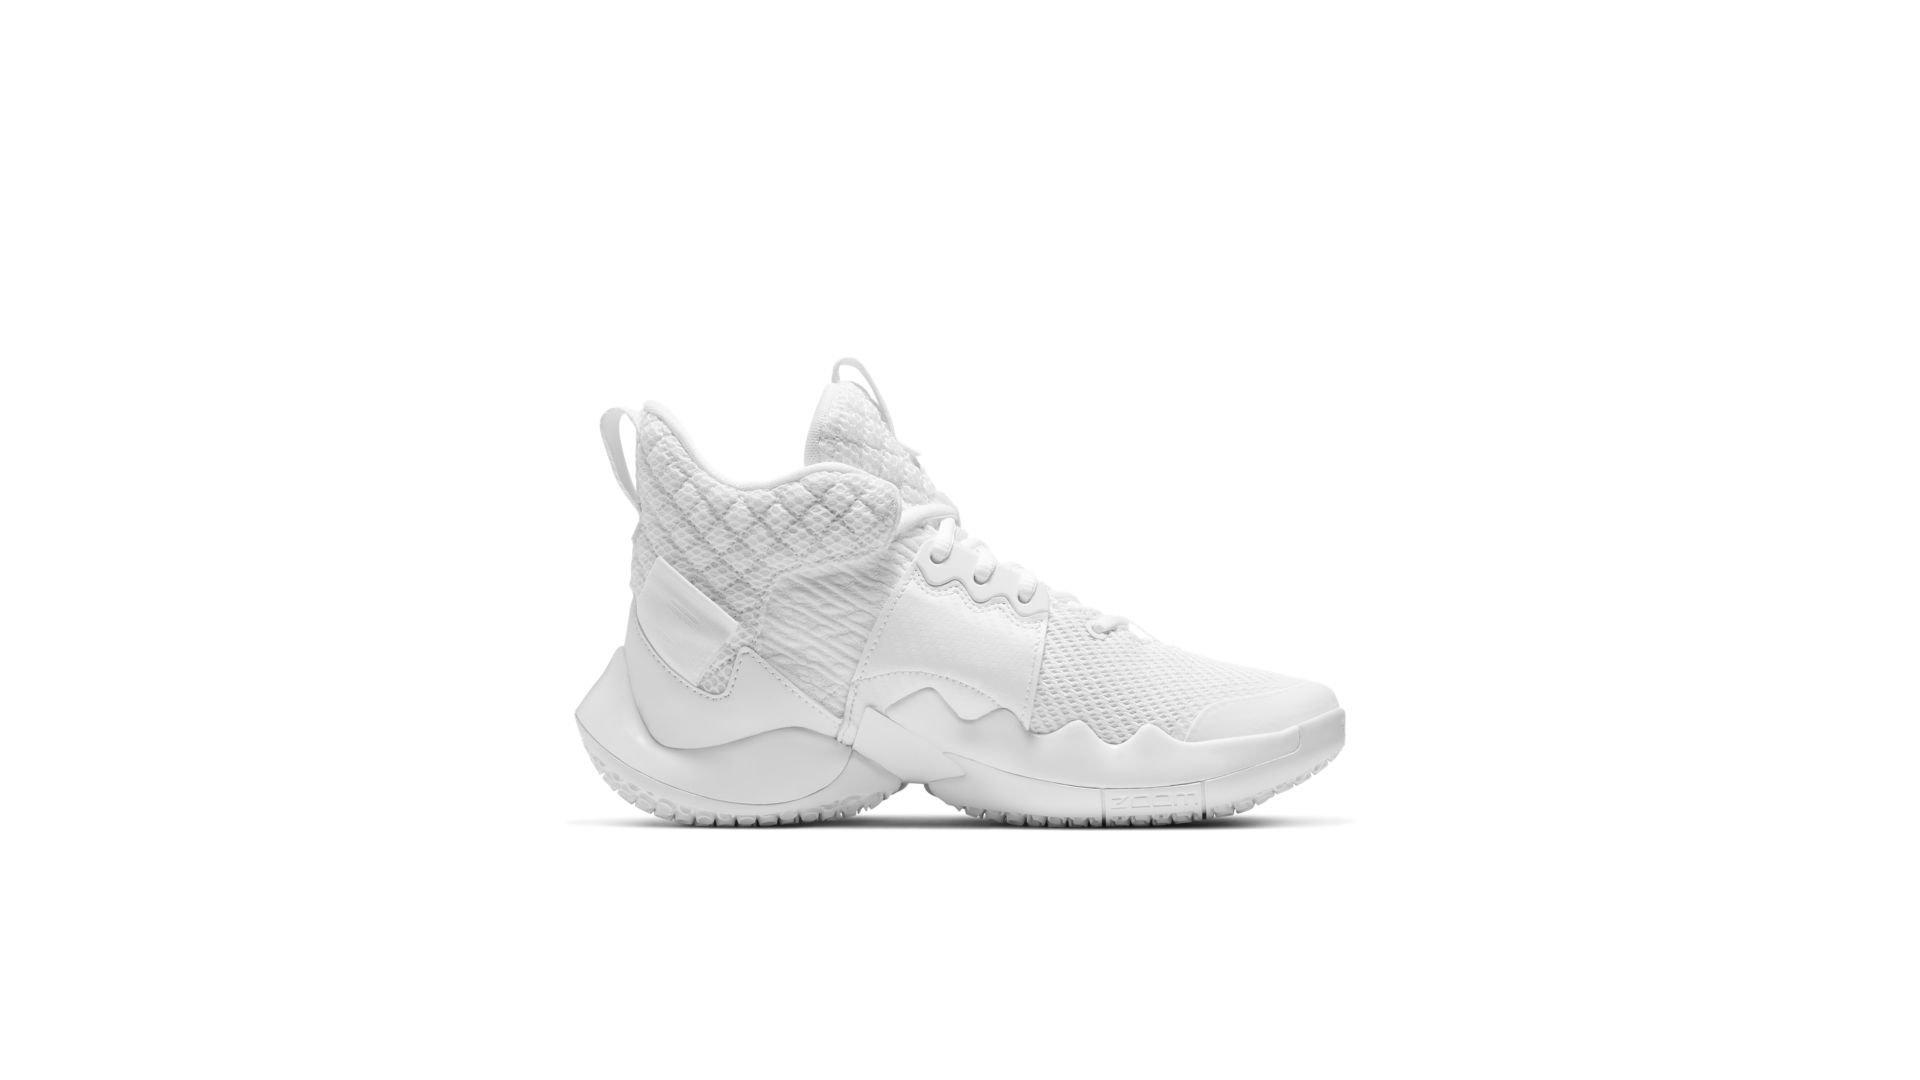 Jordan Why Not 0.2 White (GS) (AO6218-101)